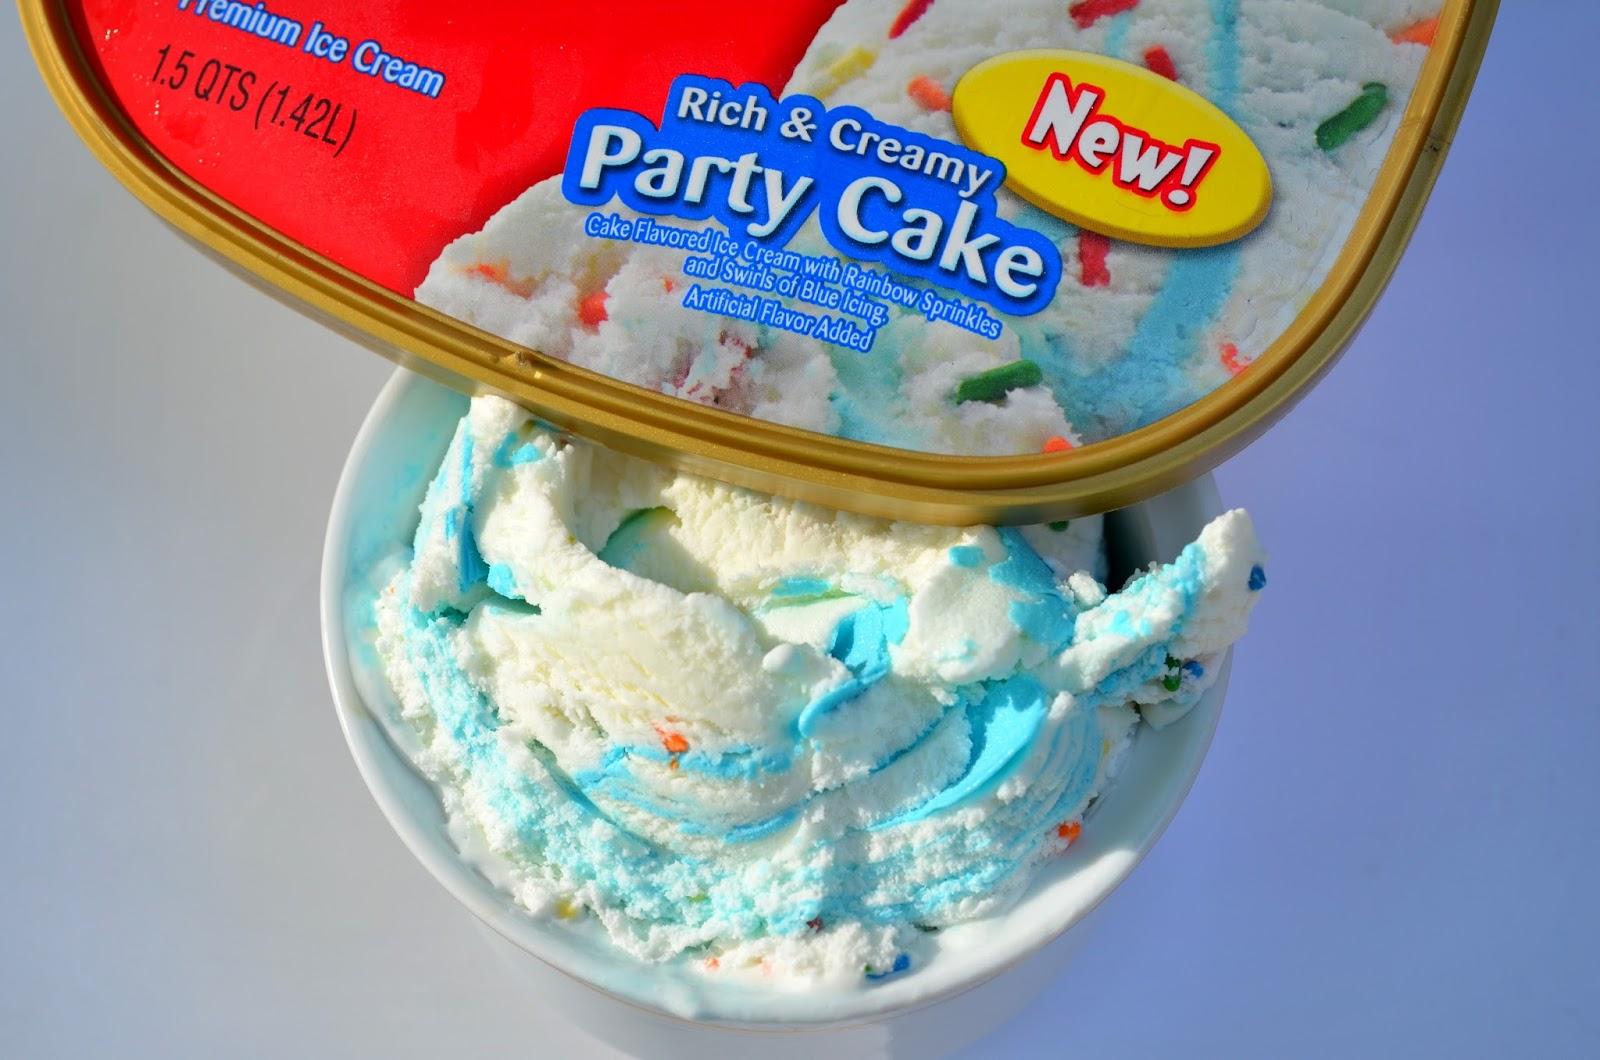 Friendlys Party Cake Ice Cream